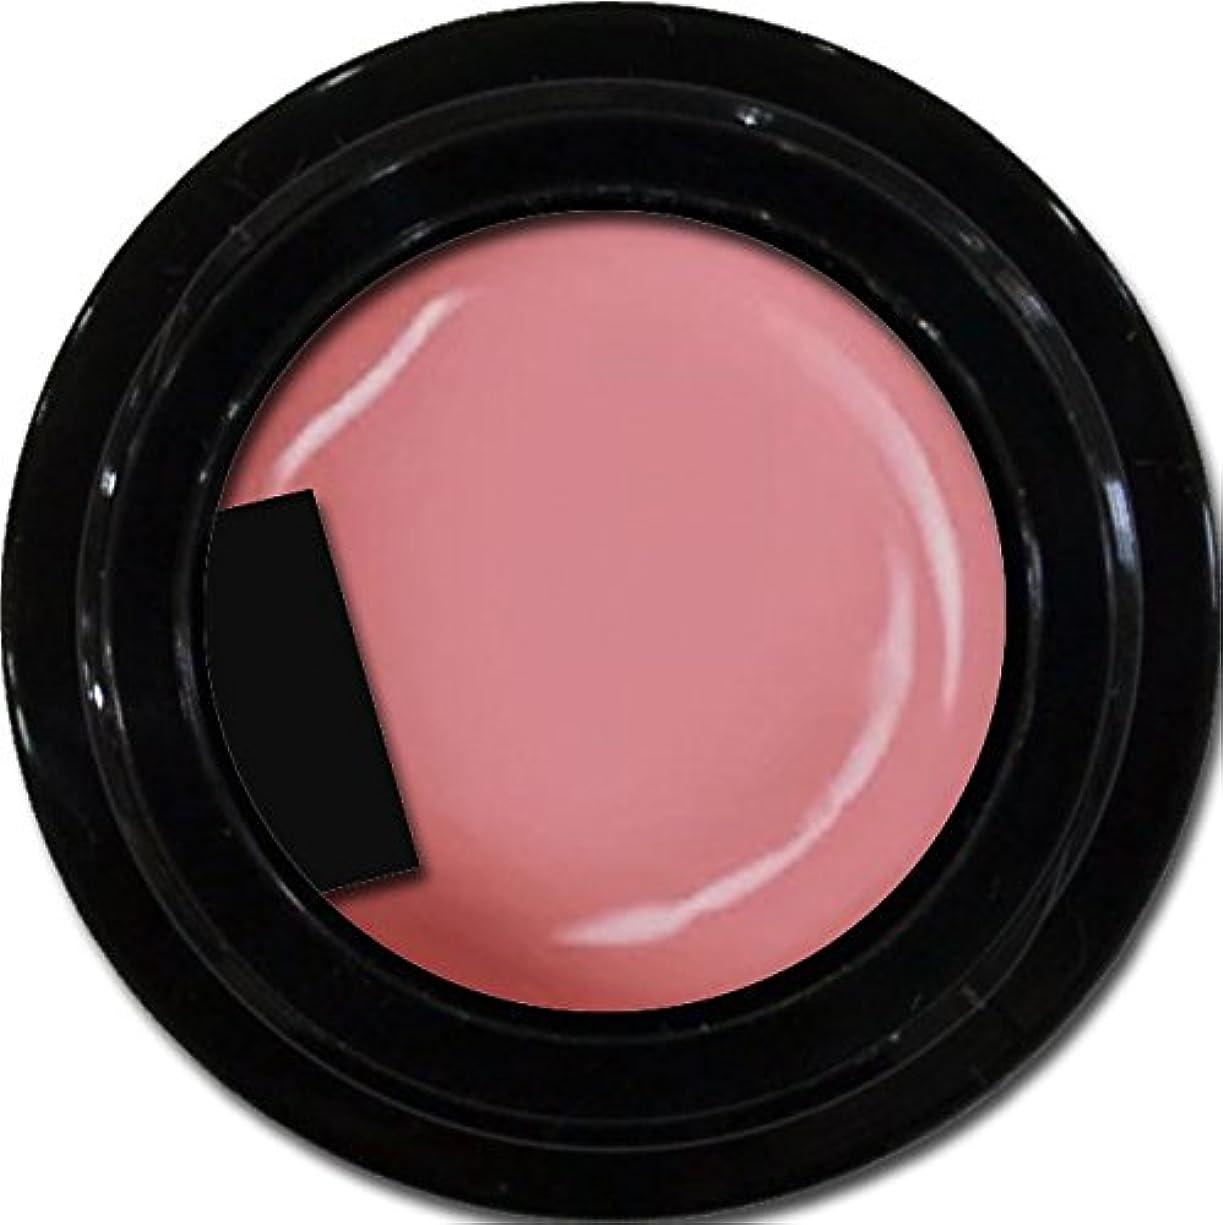 ケント偽善かすかなカラージェル enchant color gel M210 ApricotPink 3g/ マットカラージェル M210 アプリコットピンク 3グラム